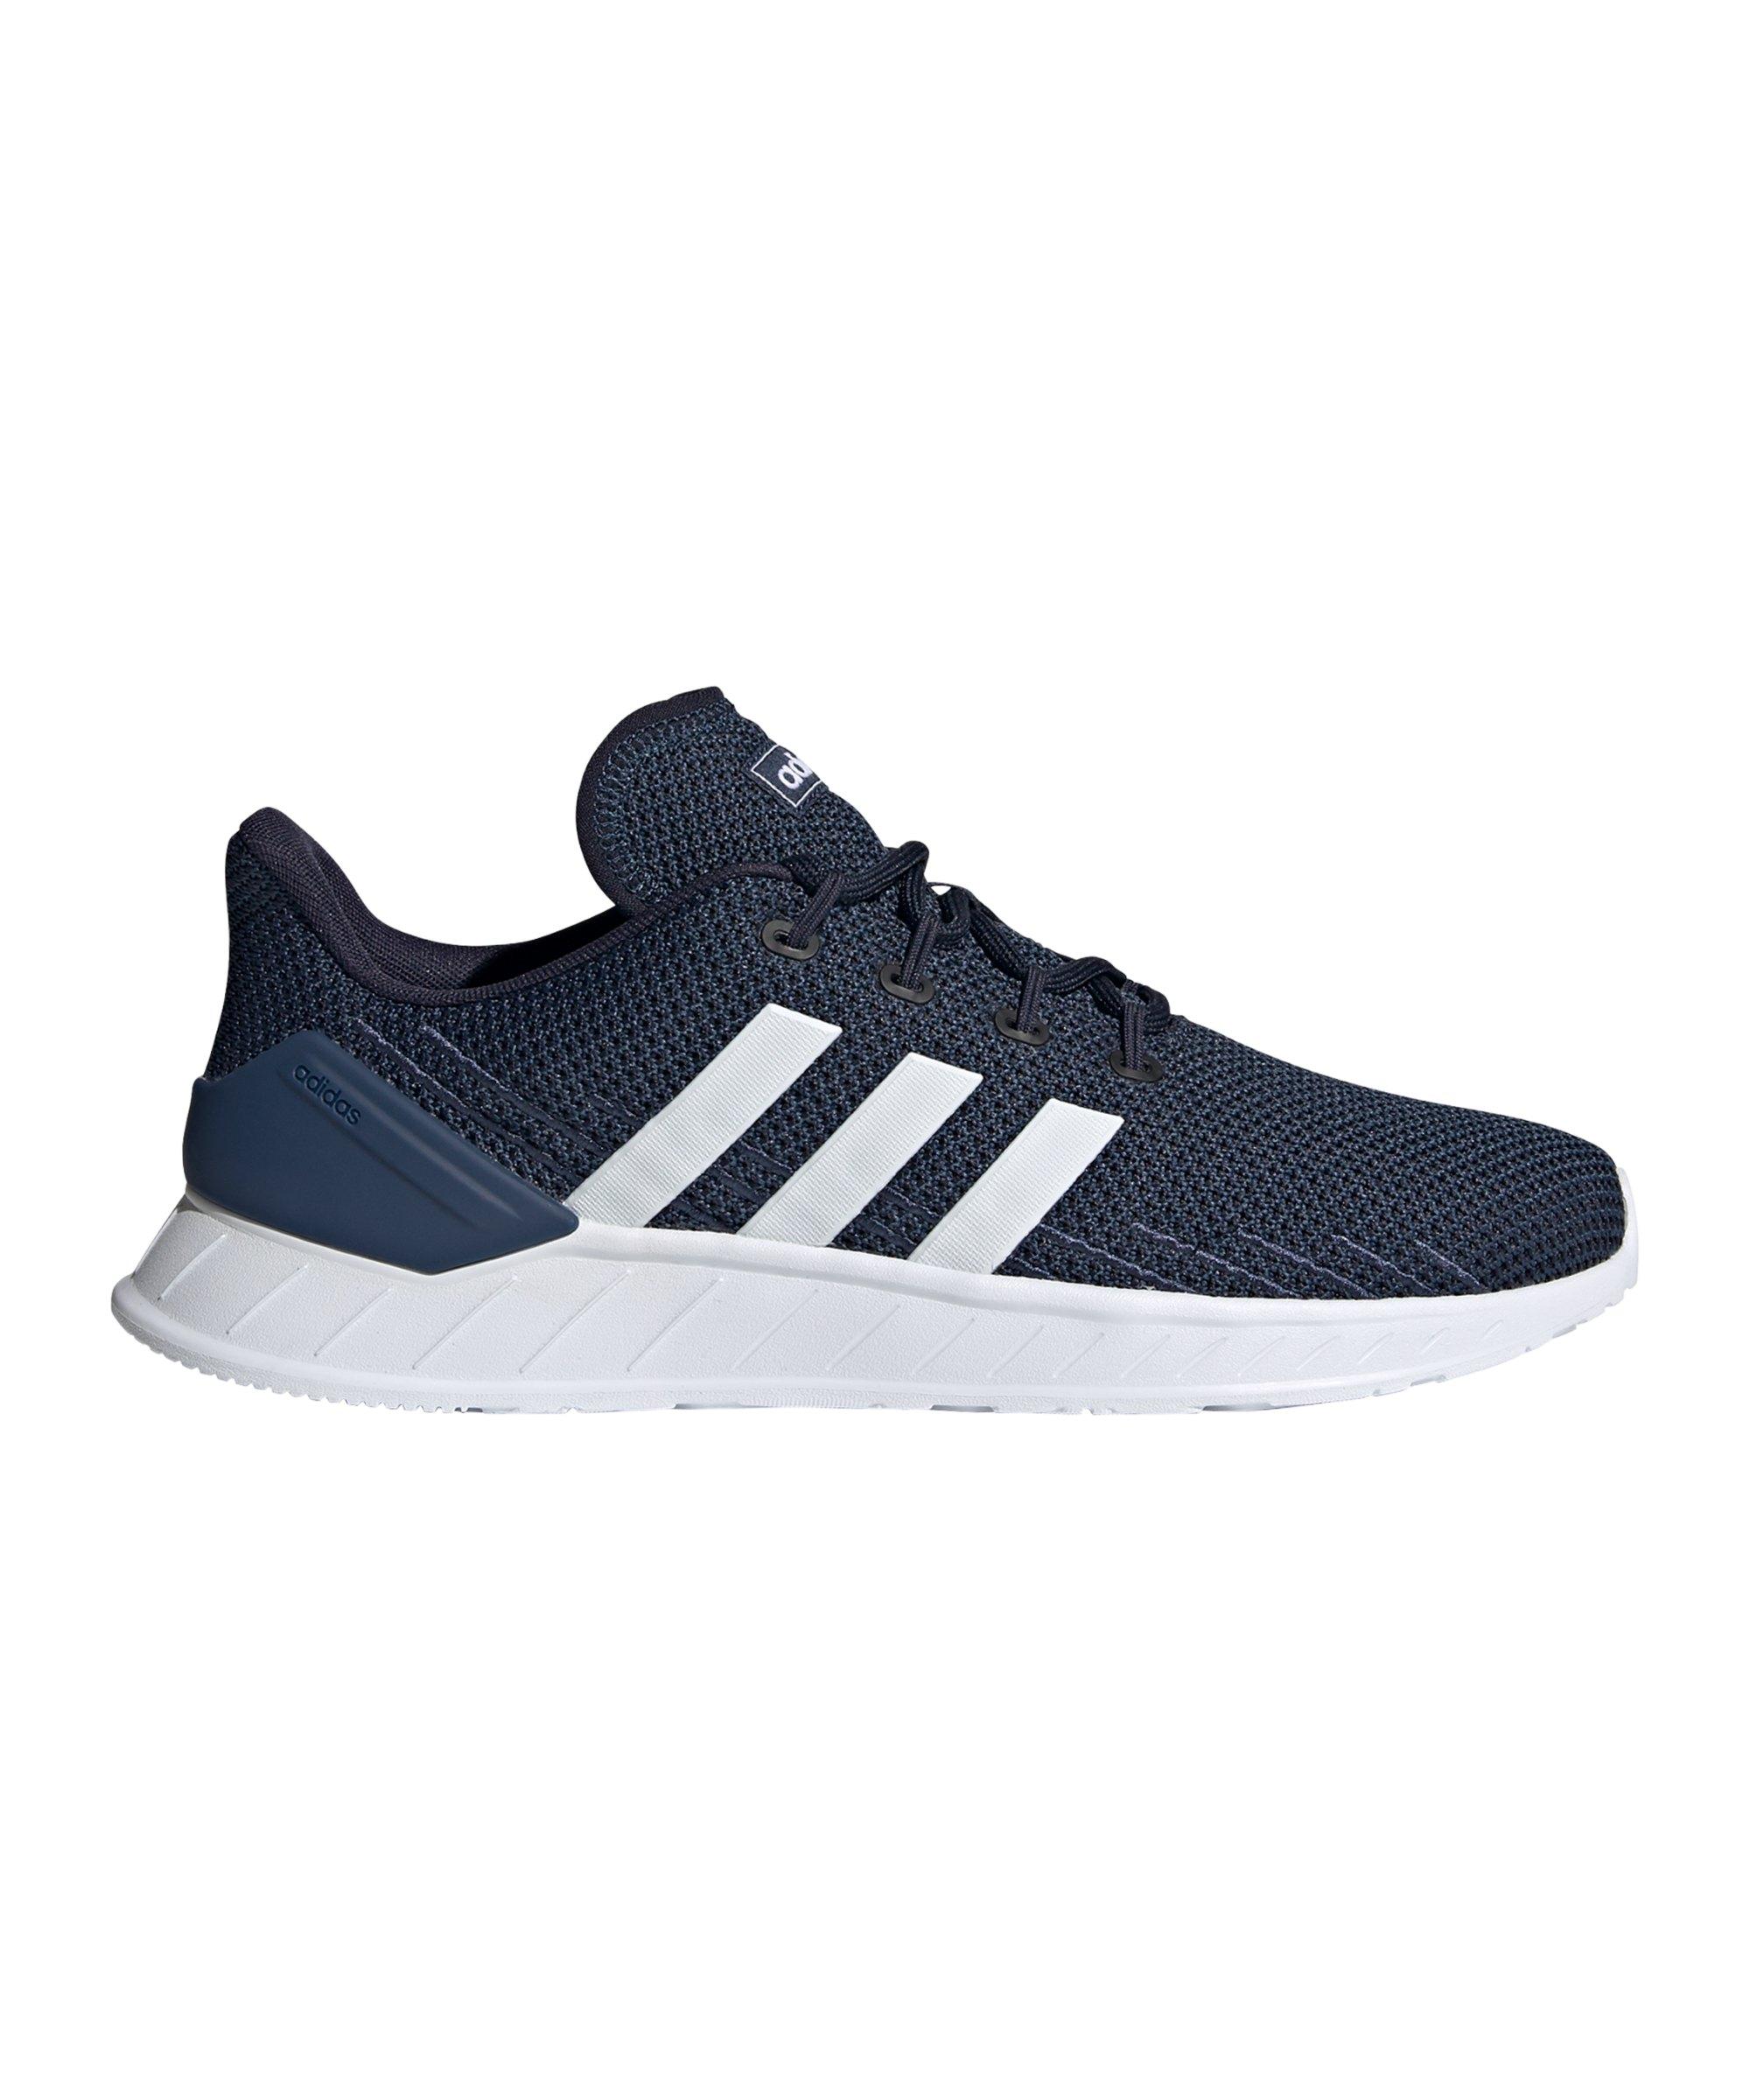 adidas Questar Flow NXT Running Blau - blau